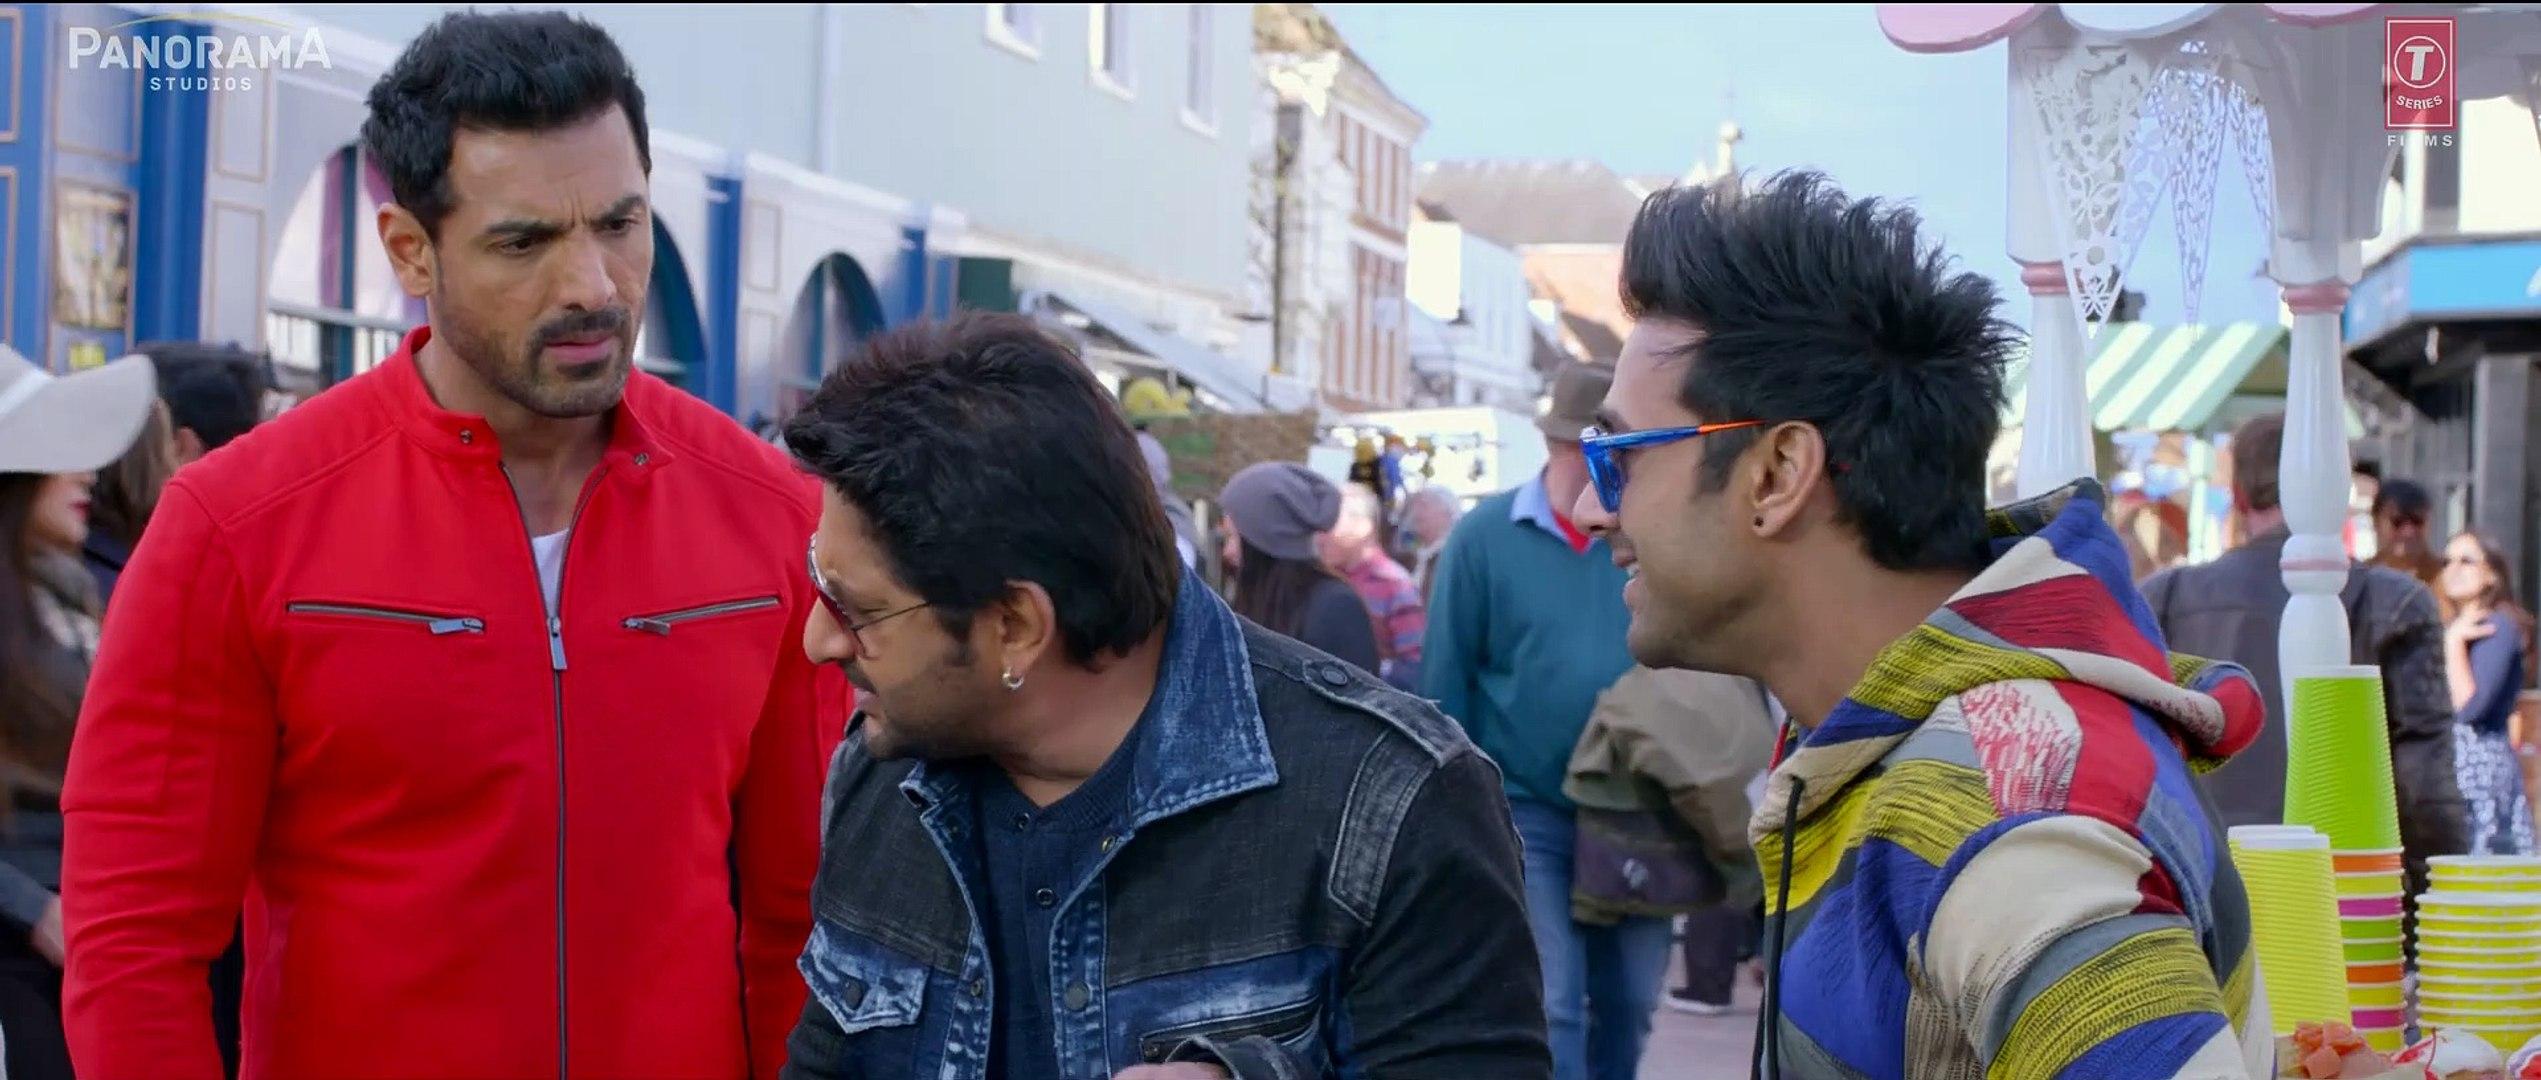 Pagalpanti Trailer - Anil, John, Ileana, Arshad, Urvashi, Pulkit, Kriti | Anees | Flixaap